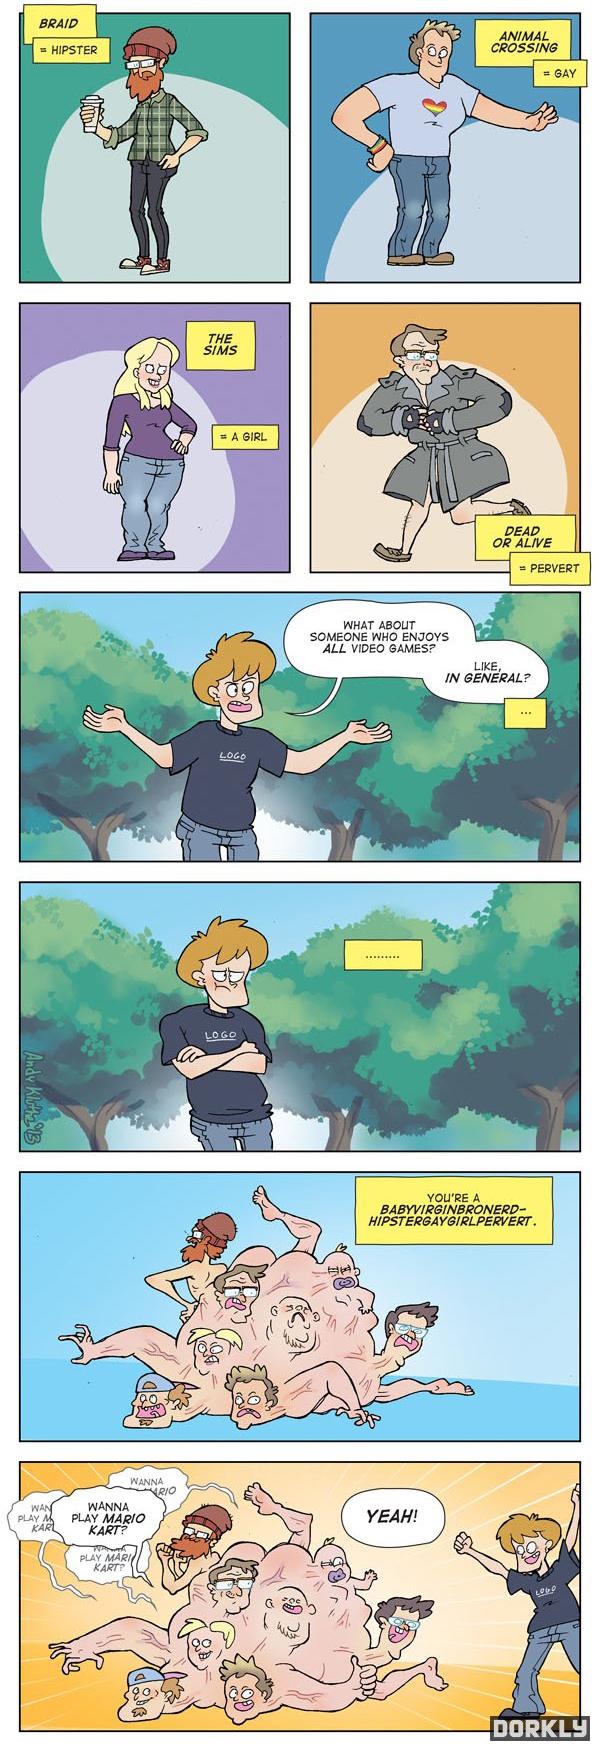 Gamer Stereotypes